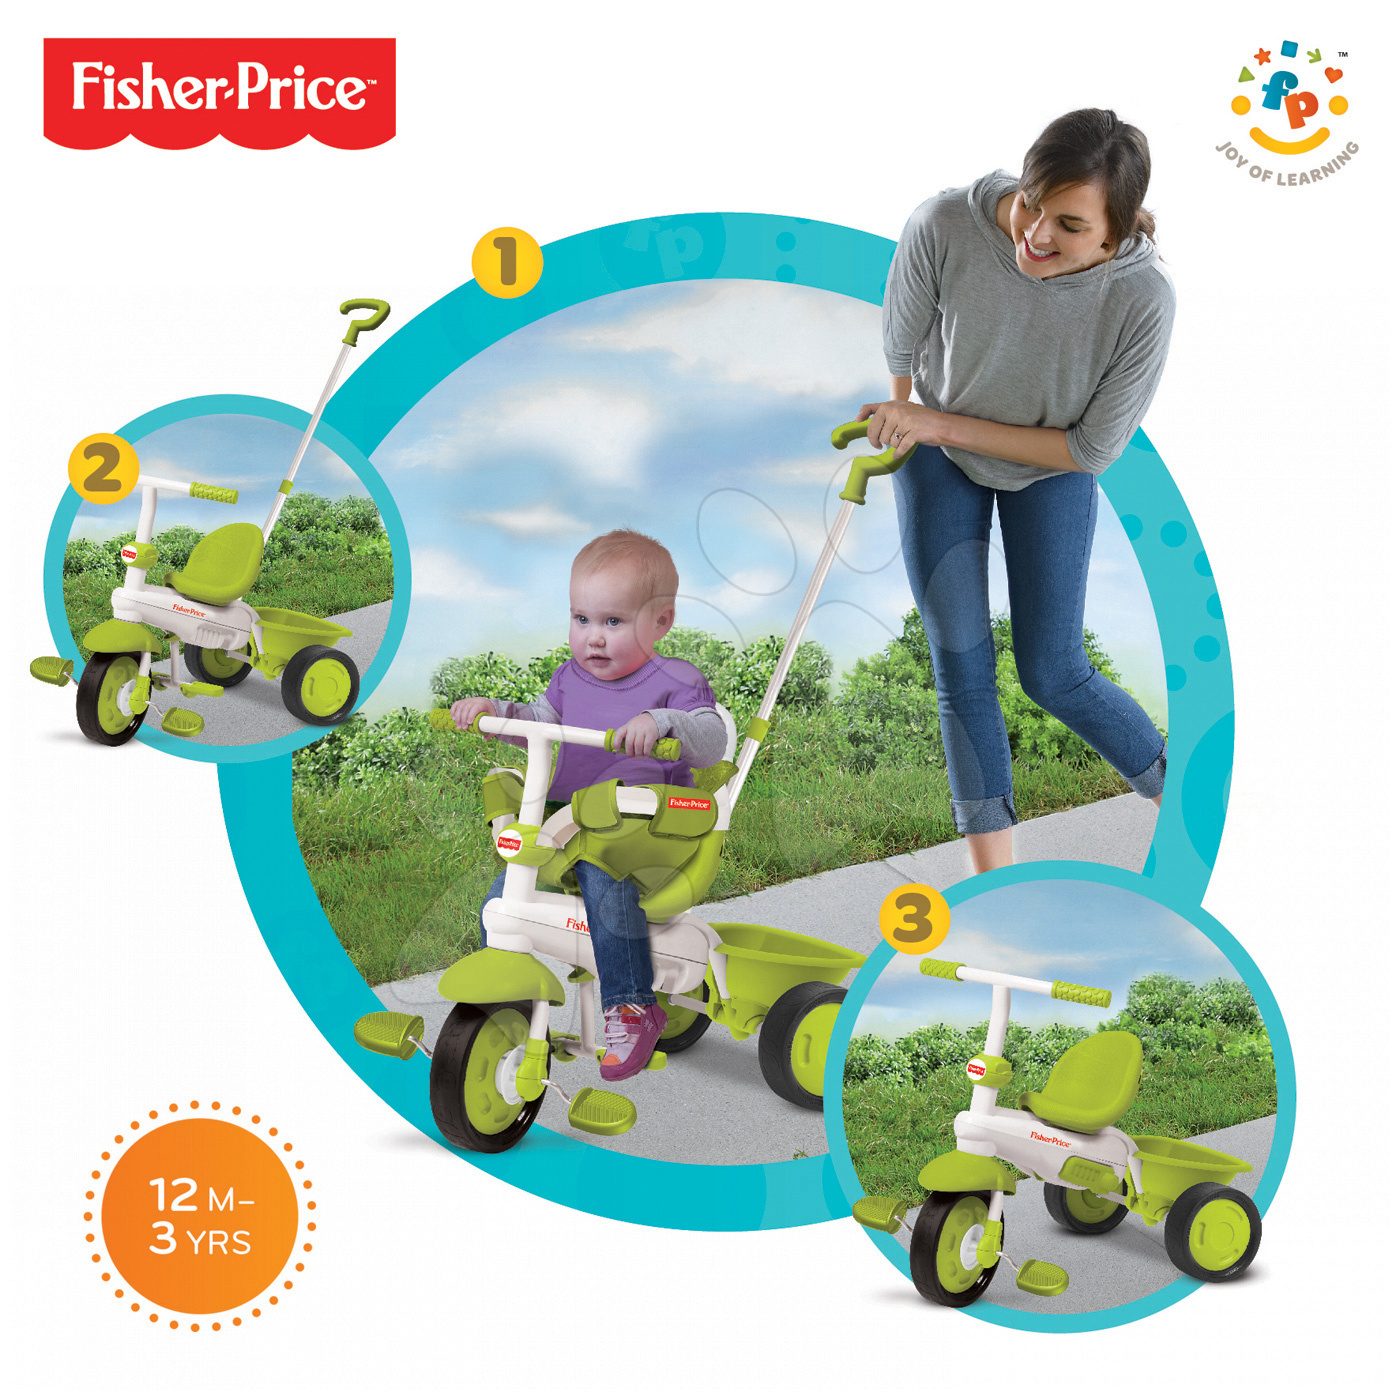 Tříkolka Fisher-Price Classic Green smarTrike zelená od 10 měsíců